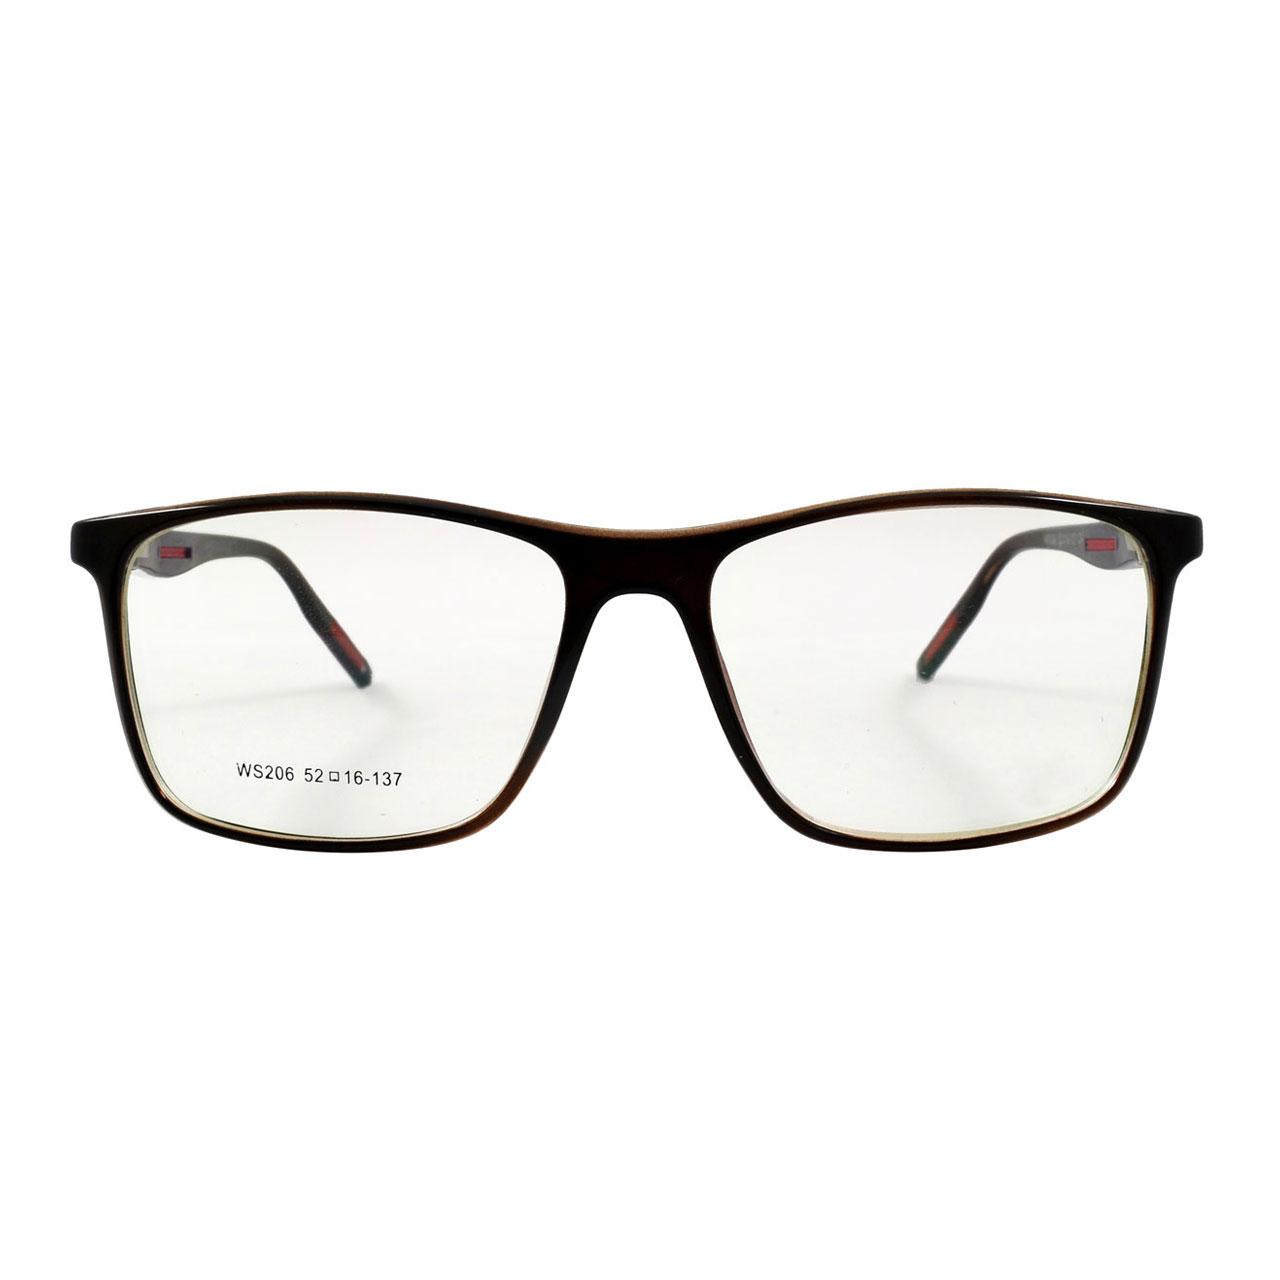 فریم عینک طبی مدل Tr90 Umber Glossy WS206